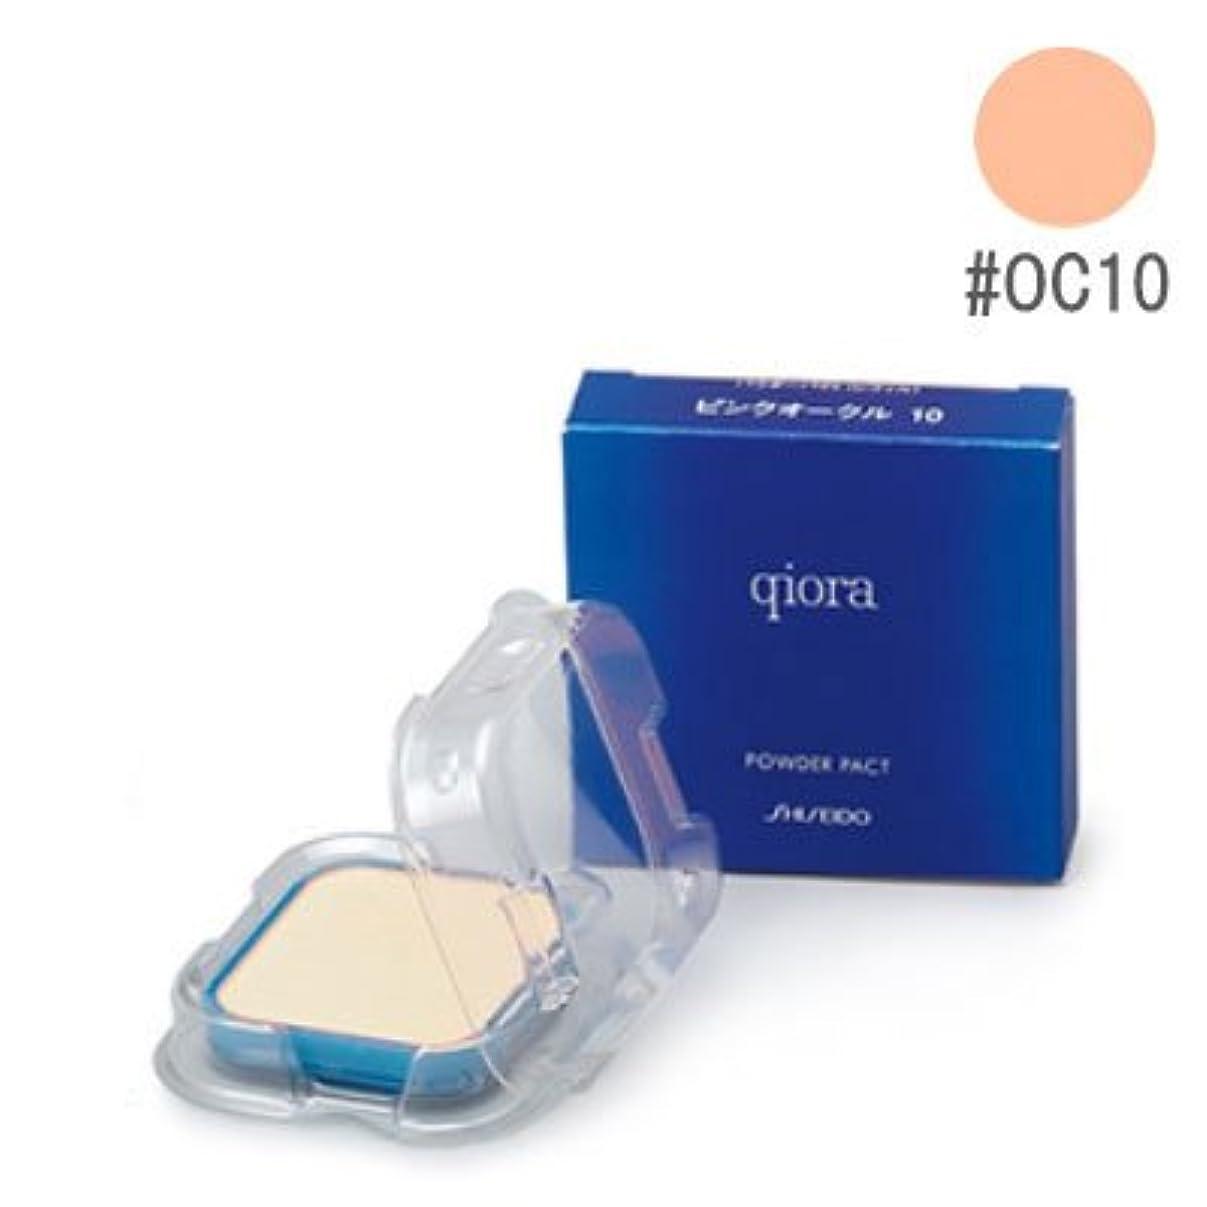 折り目暗い拮抗資生堂キオラ[qiora]パウダーパクト#OC10